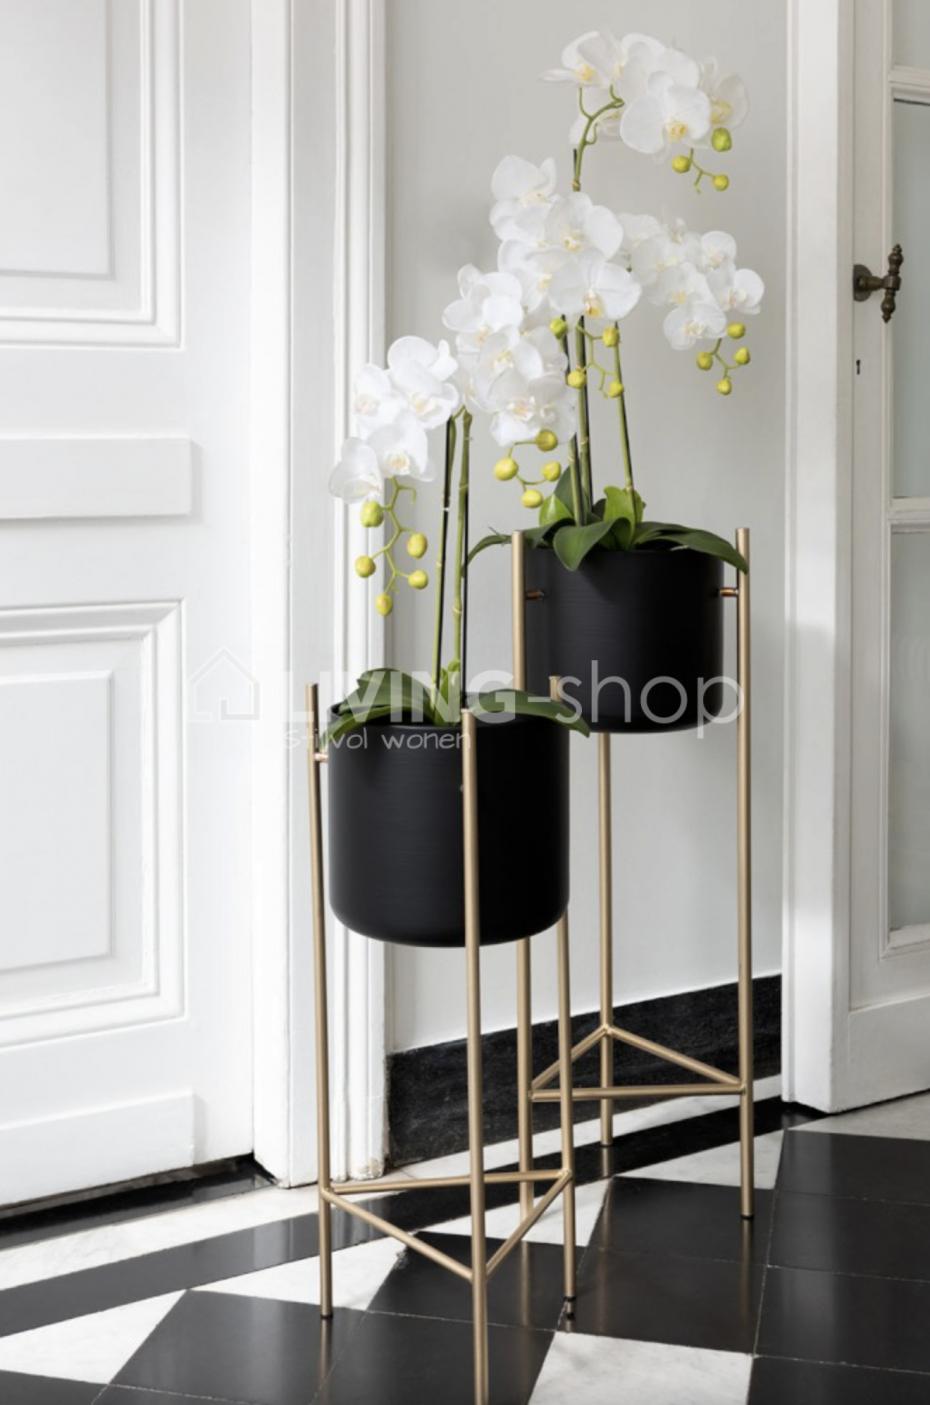 J Line Plantenstaander Op Voet Bloempothouder Met Bloempot Kamerplant Decor Plantenstaander Plantendecor